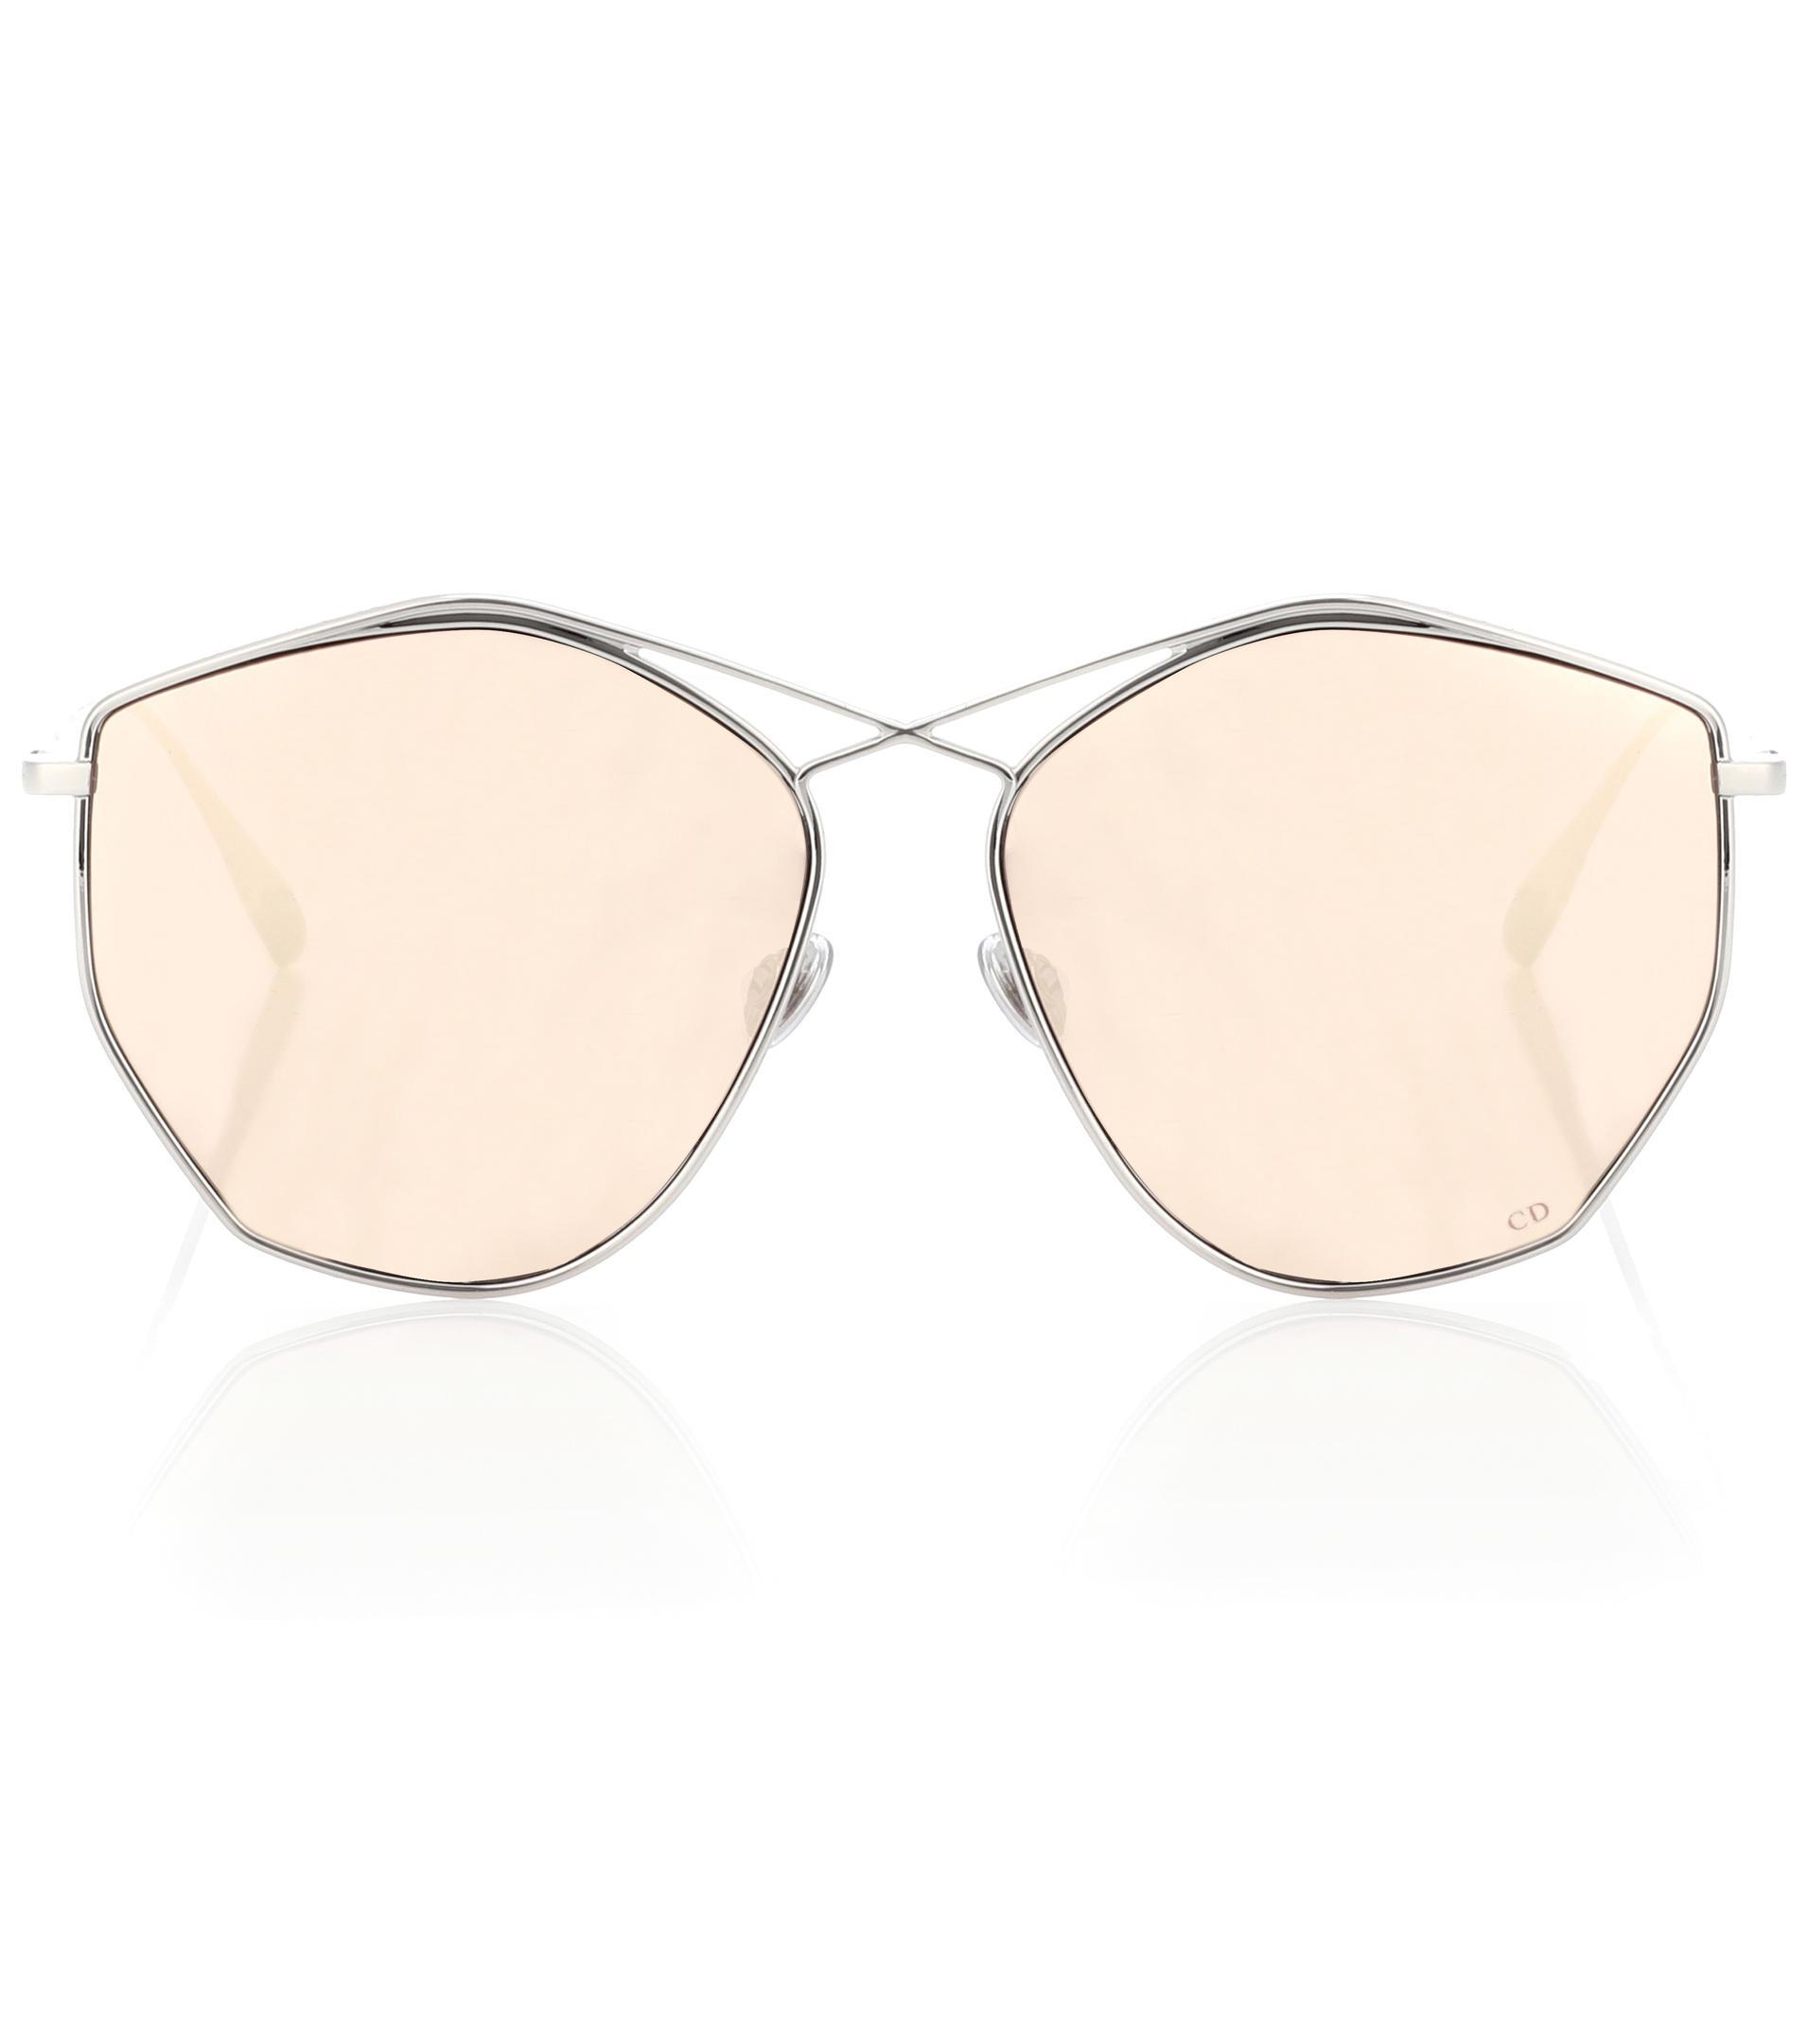 DiorStellaire4 round-frame sunglasses Dior CMZTbjcckp